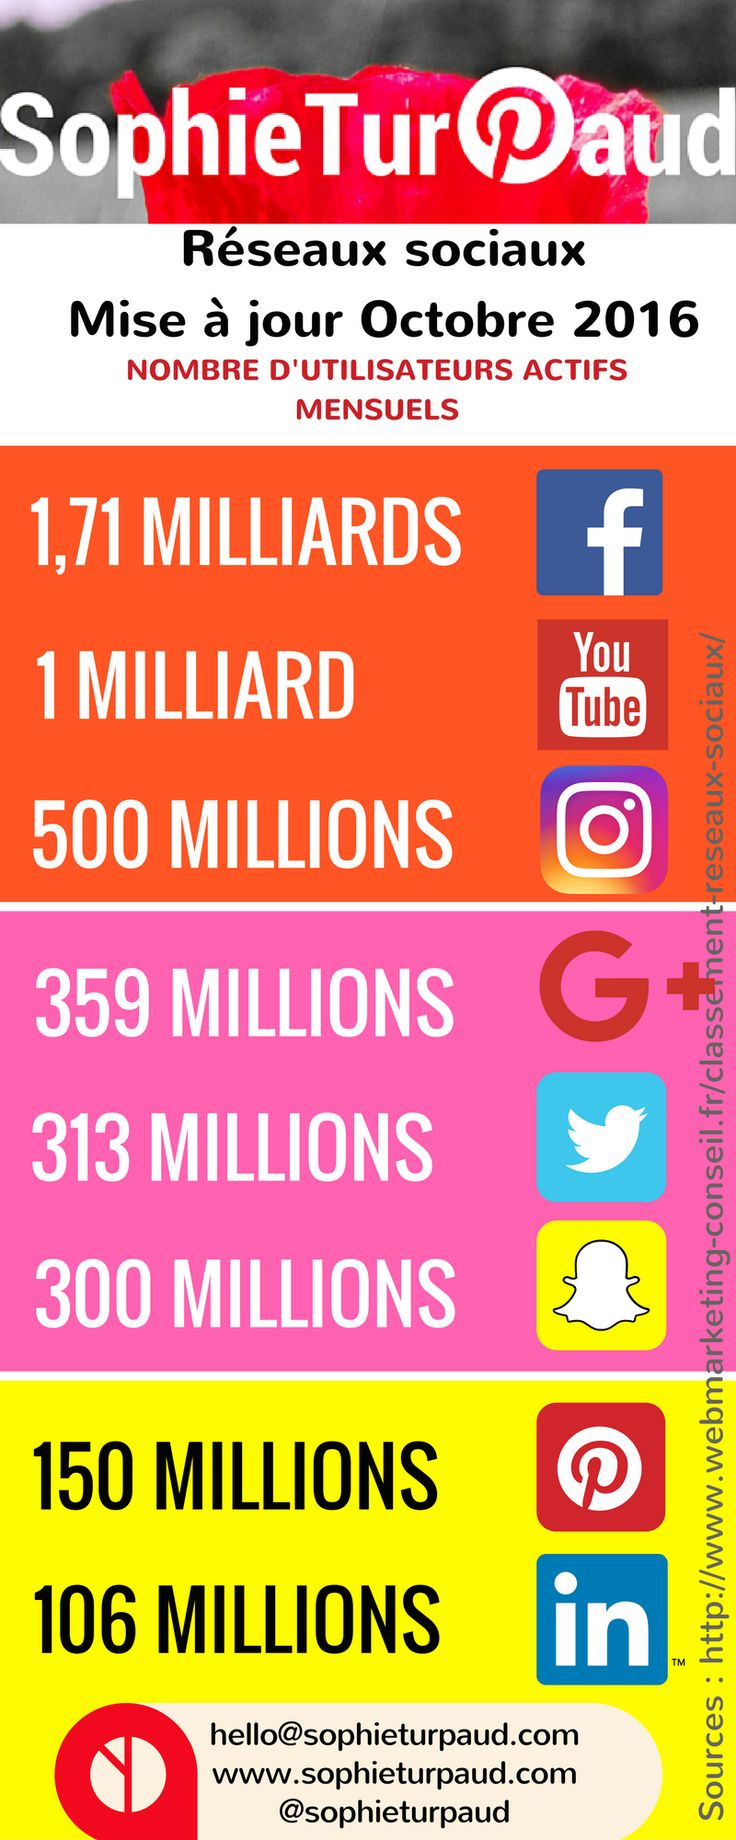 Panorama des réseaux sociaux mise à jour Octobre 2016 via @sophieturpaud cc @8en